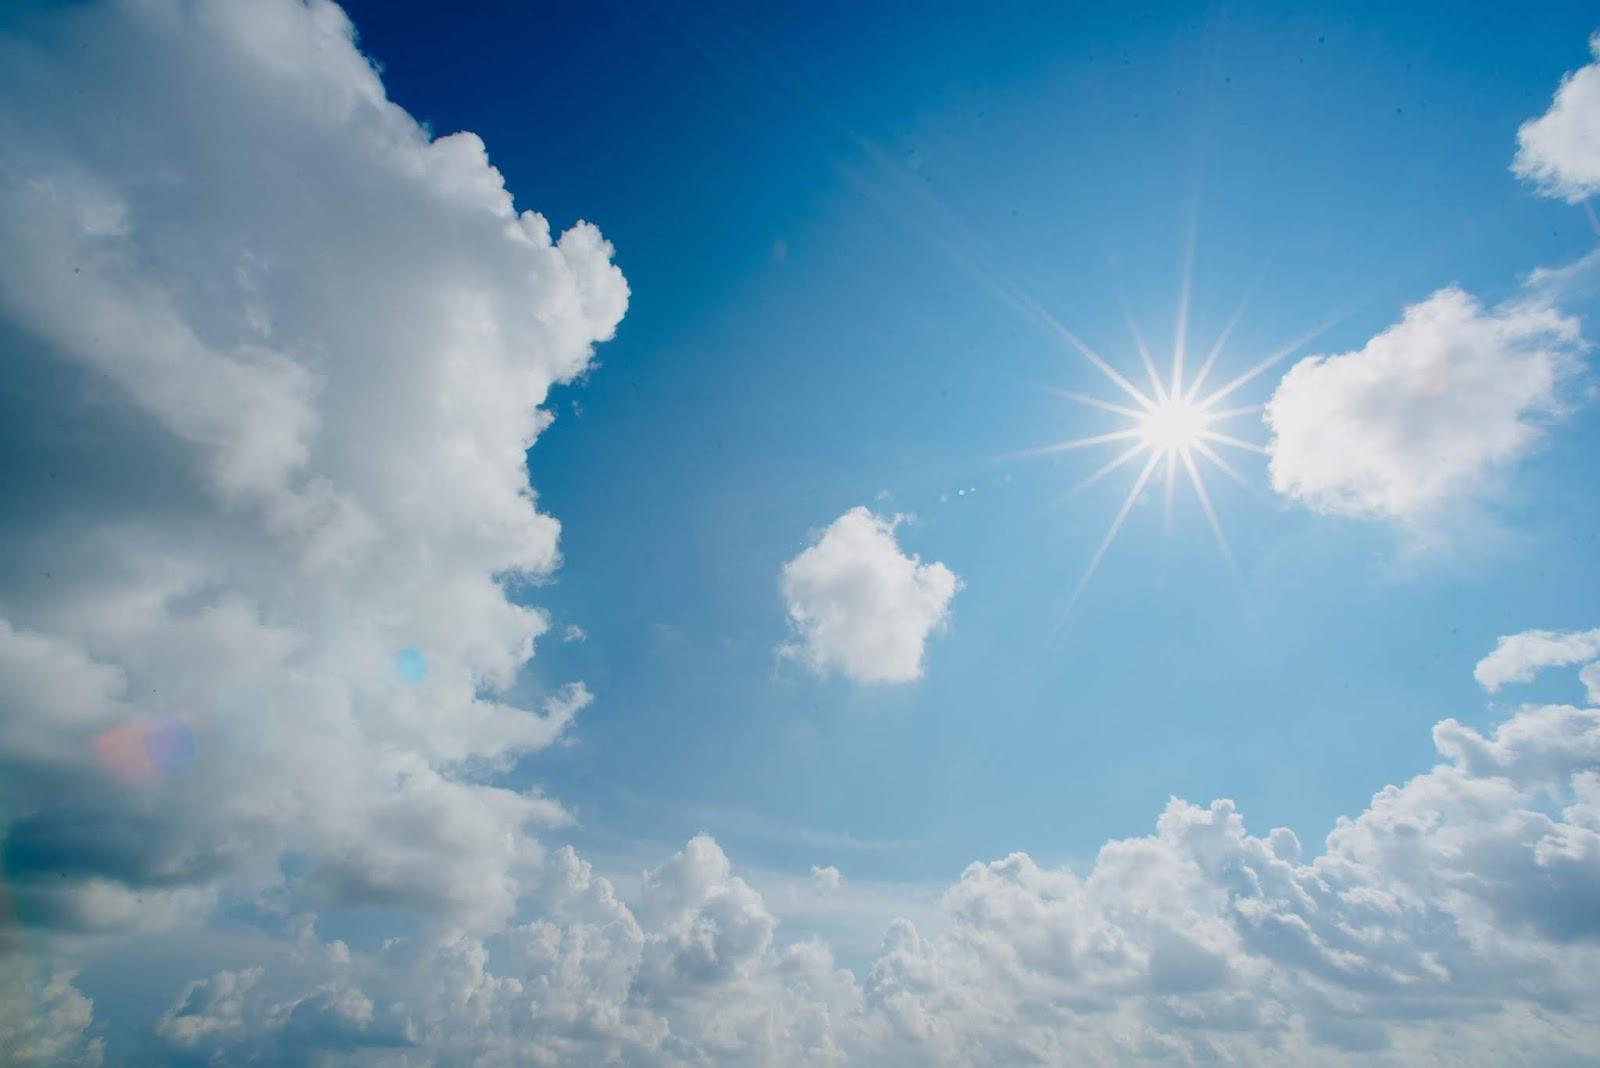 Καιρός Ξάνθη: Τοπικές νεφώσεις και ήλιος για το Σάββατο